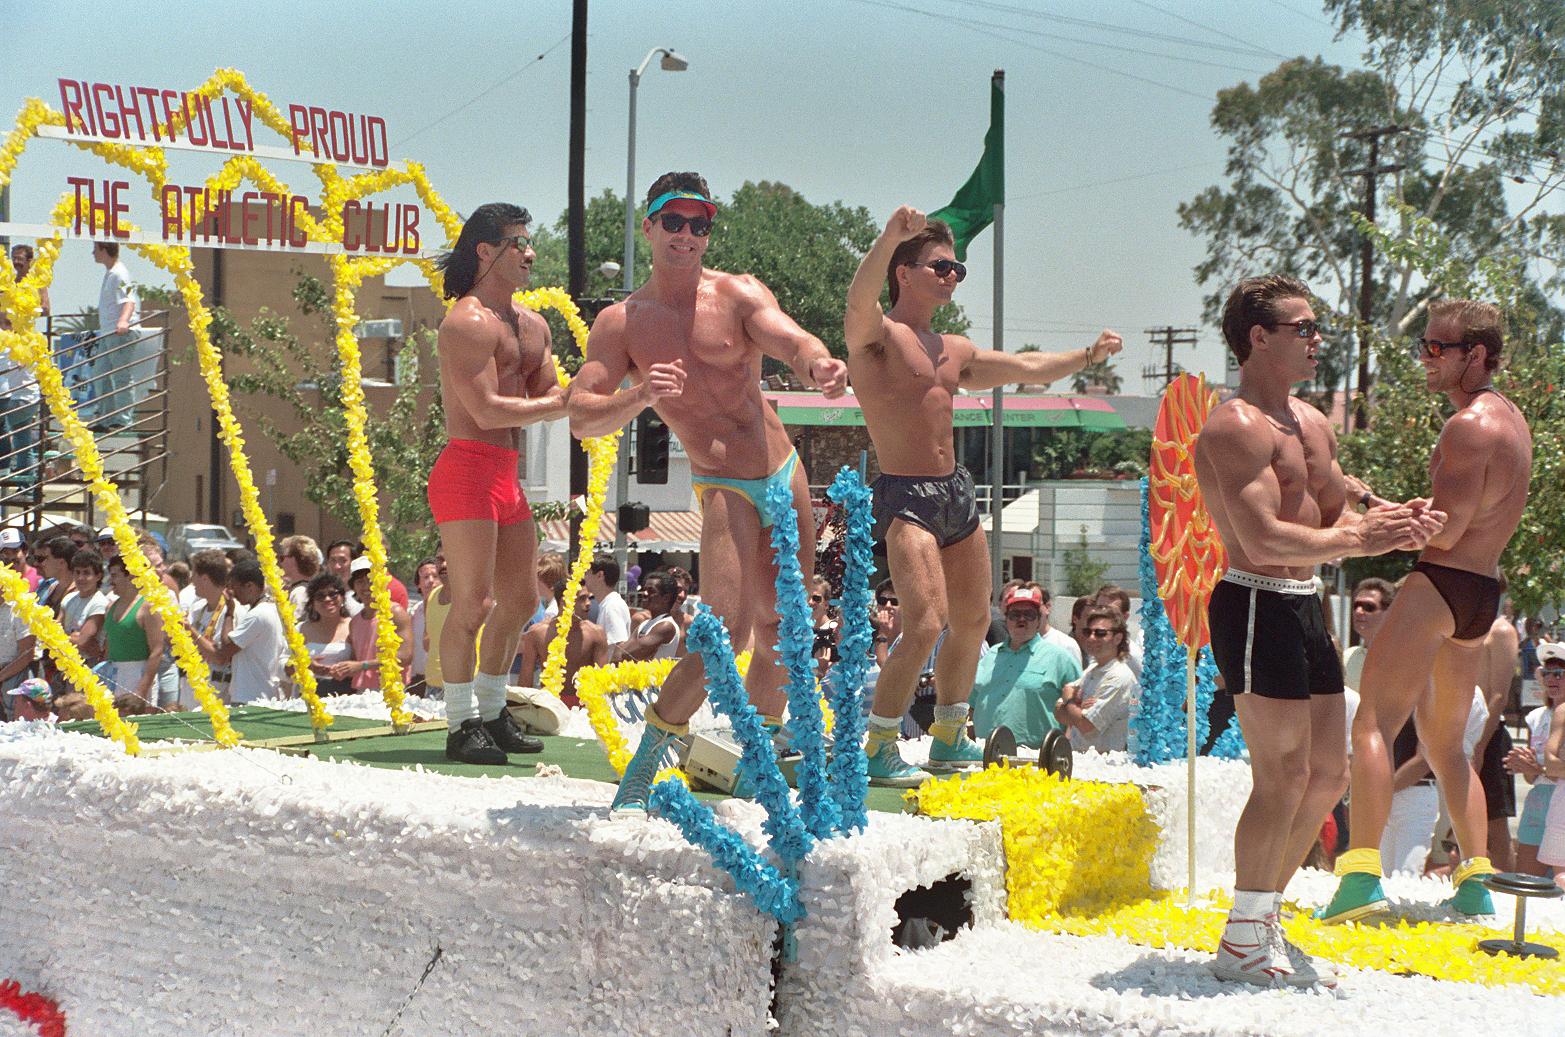 la-pride-1987-1995_21690225523_o